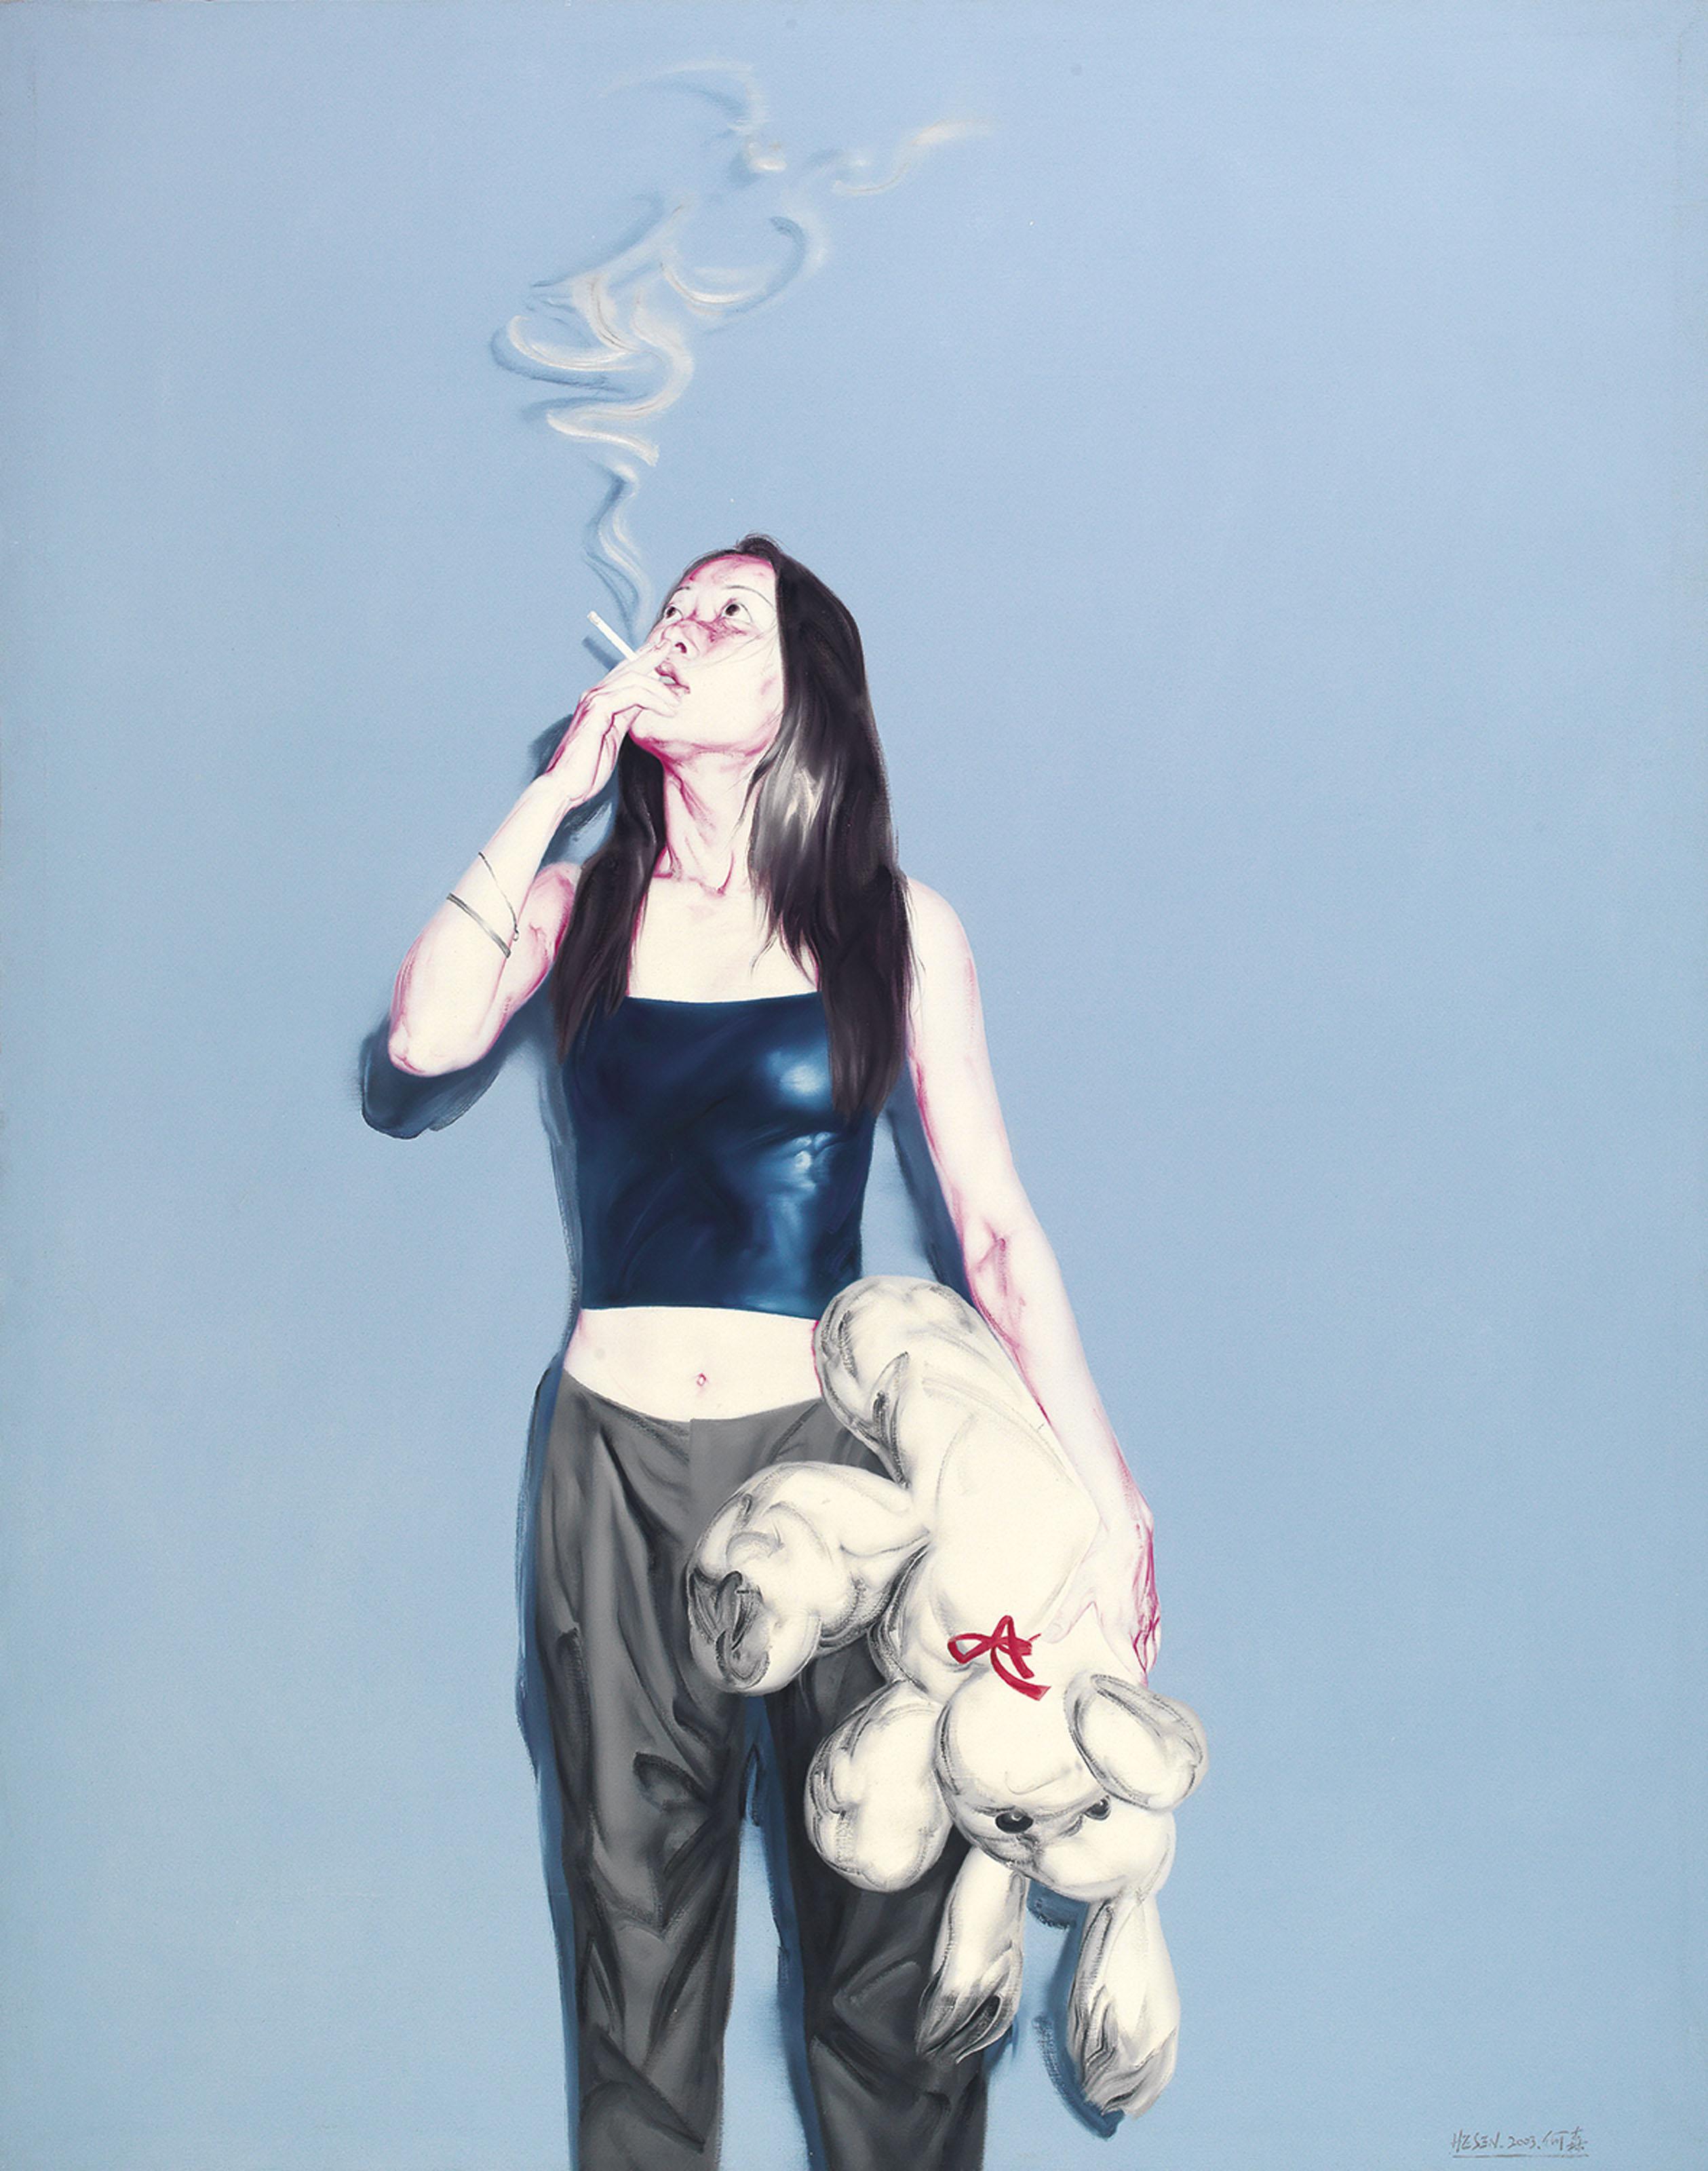 Girl. Toy. Smoking